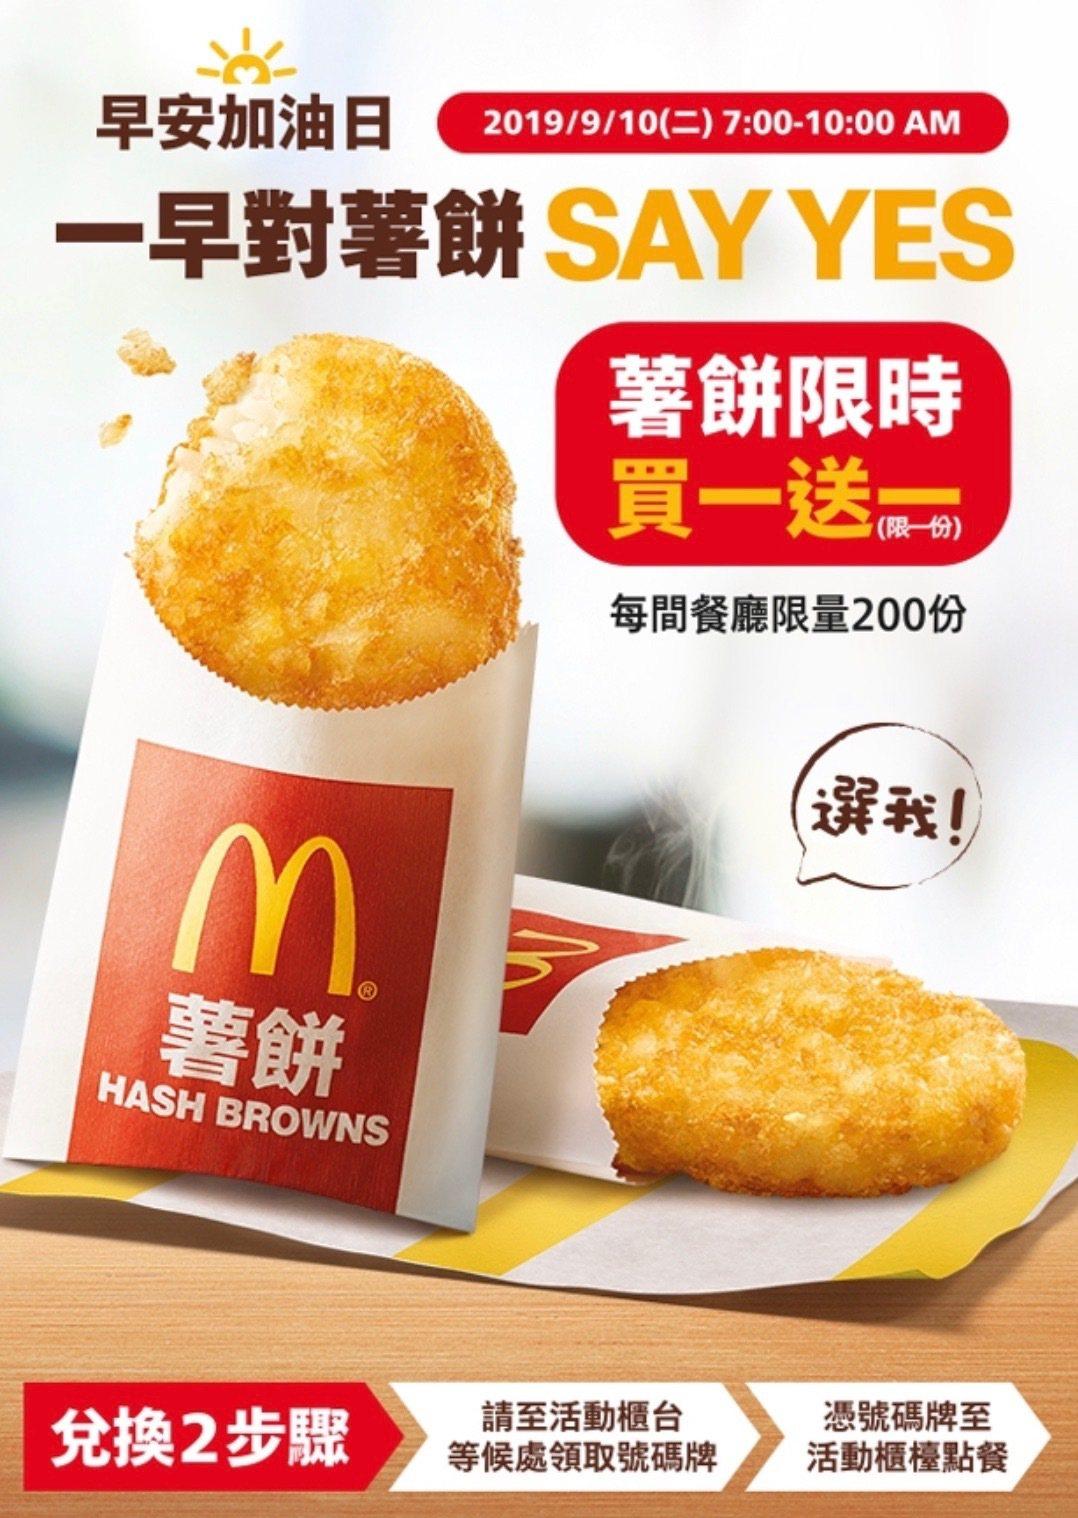 9/10當天上午,麥當勞將推出薯餅現時買一送一。圖/摘自麥當勞活動頁面